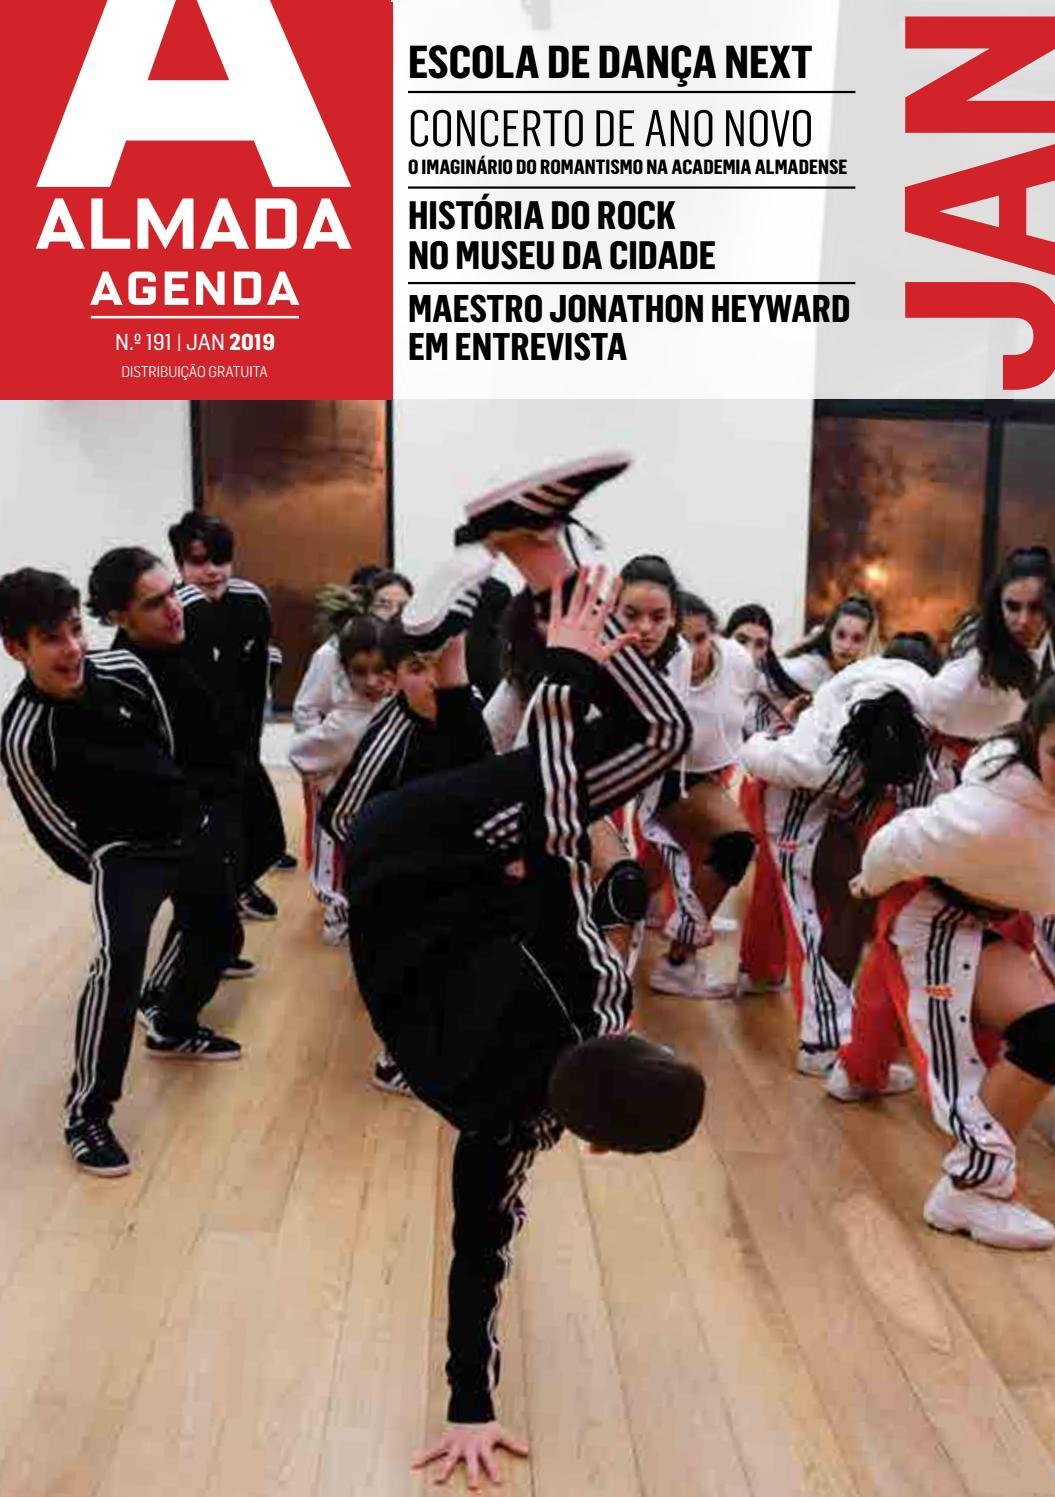 0297d5335c82e Agenda Almada N.º 191 - janeiro 2019 by Câmara Municipal de Almada - issuu